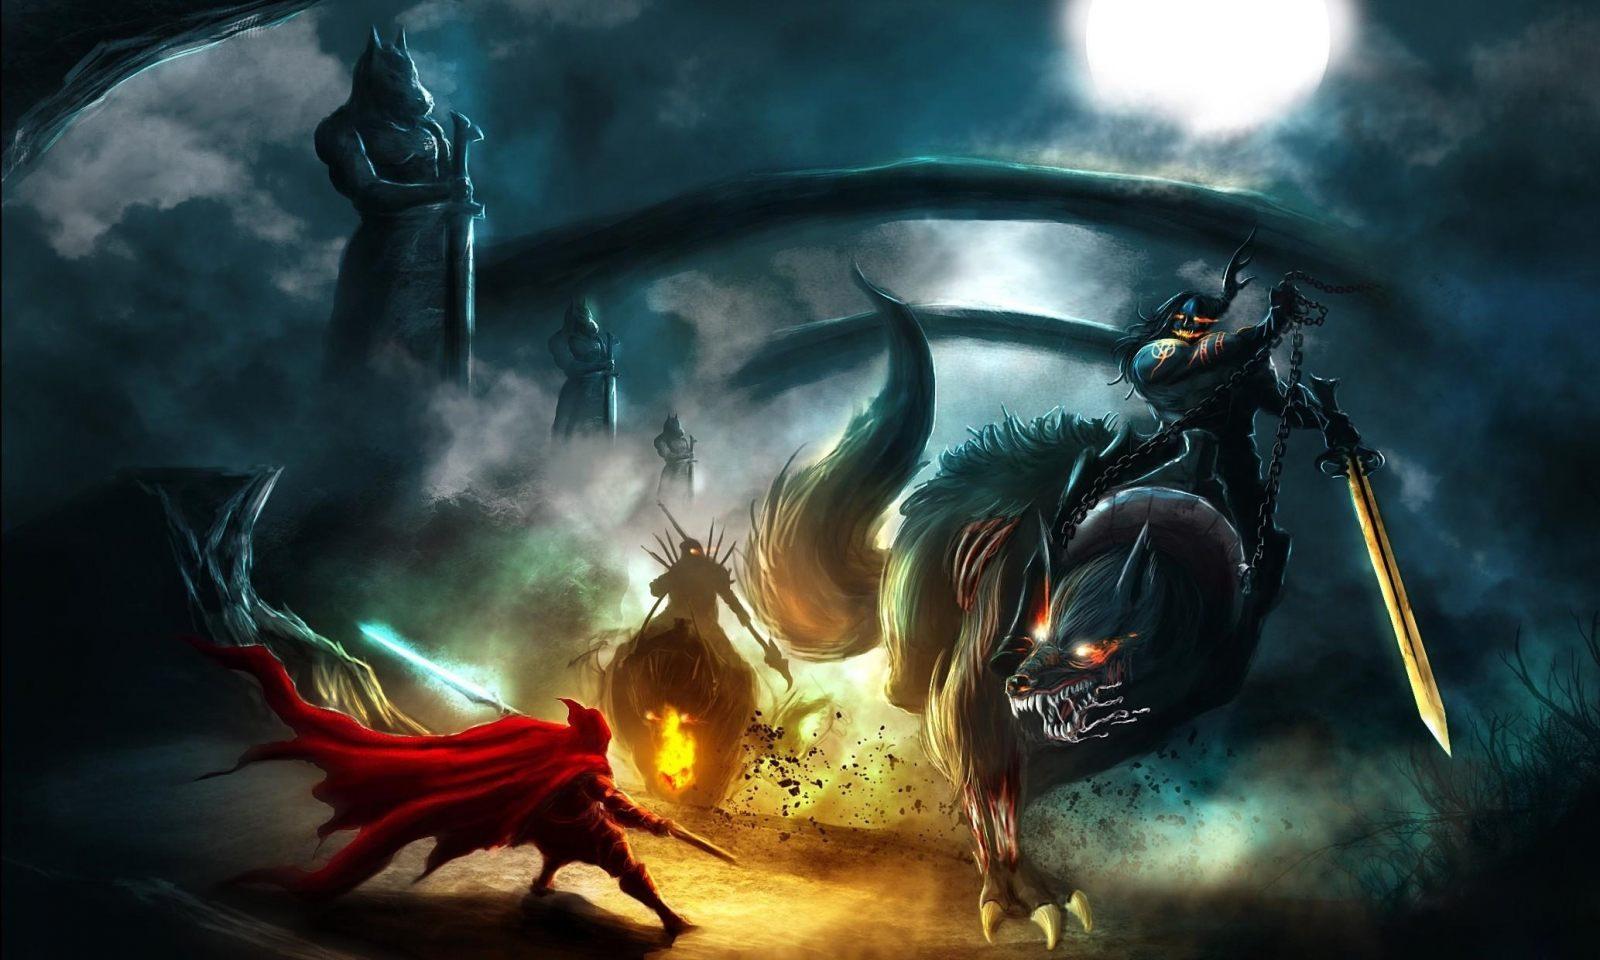 criaturas-sobrenaturales-3d